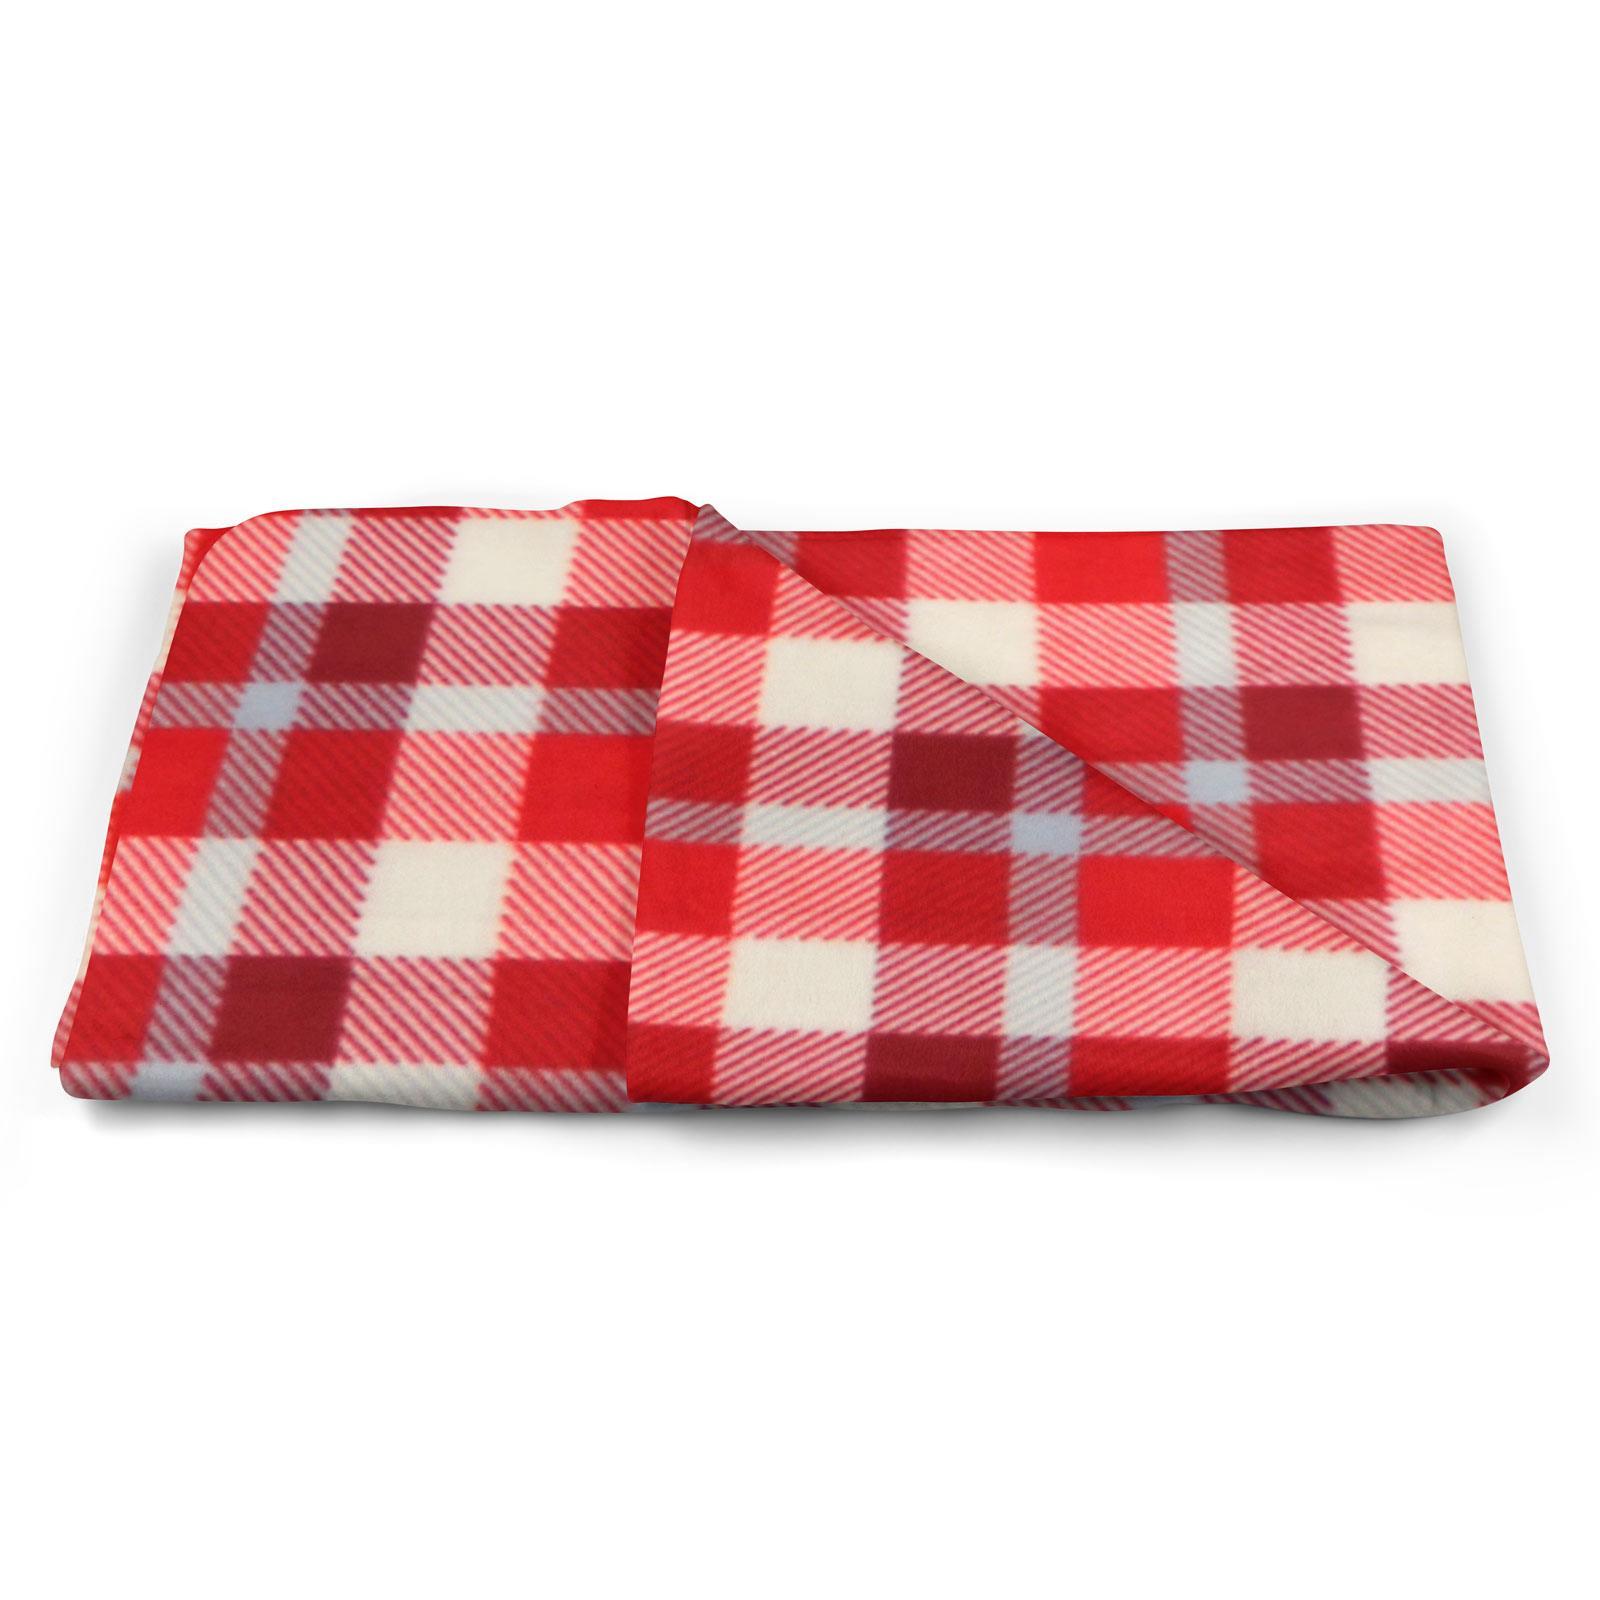 Sofa-de-verificacion-de-tartan-polar-mantas-polar-silla-acogedor-lanza-Manta-127cm-X-152cm miniatura 5